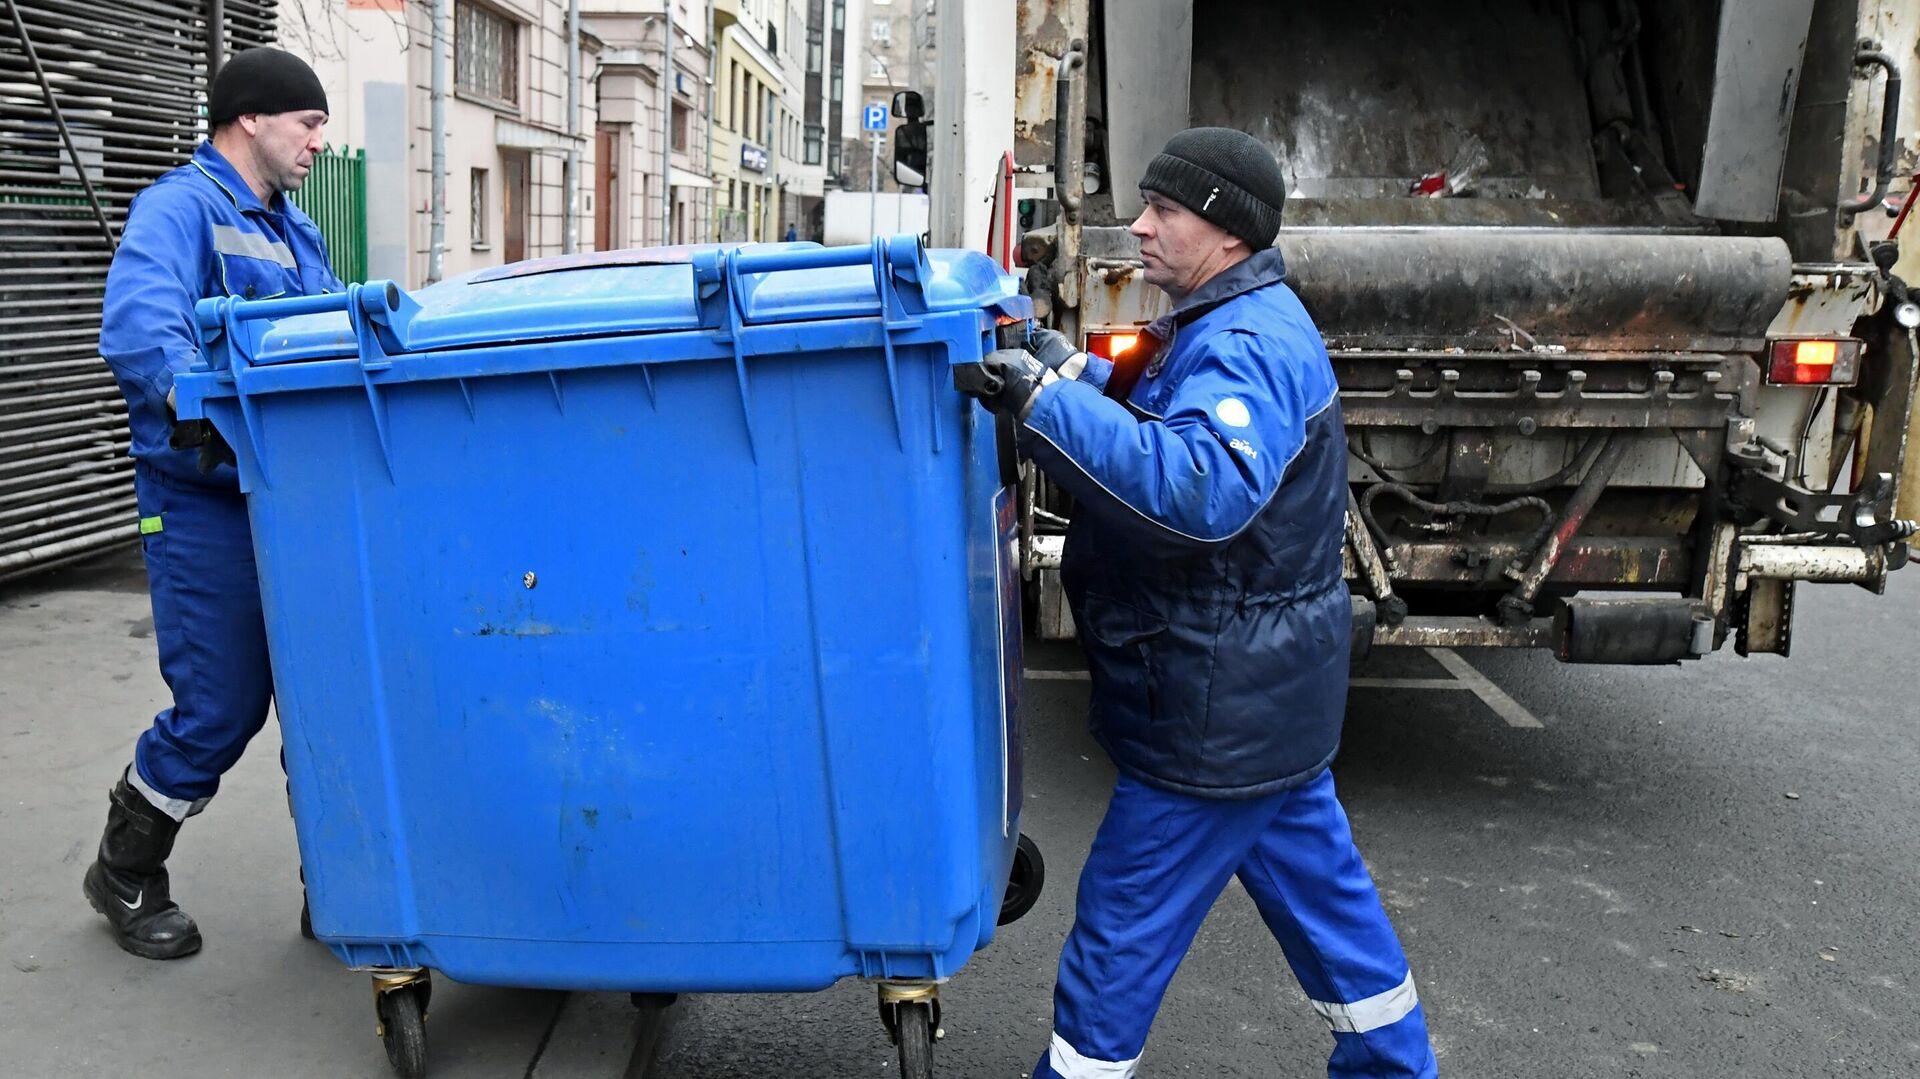 Раздельный сбор мусора в Москве - РИА Новости, 1920, 16.11.2020